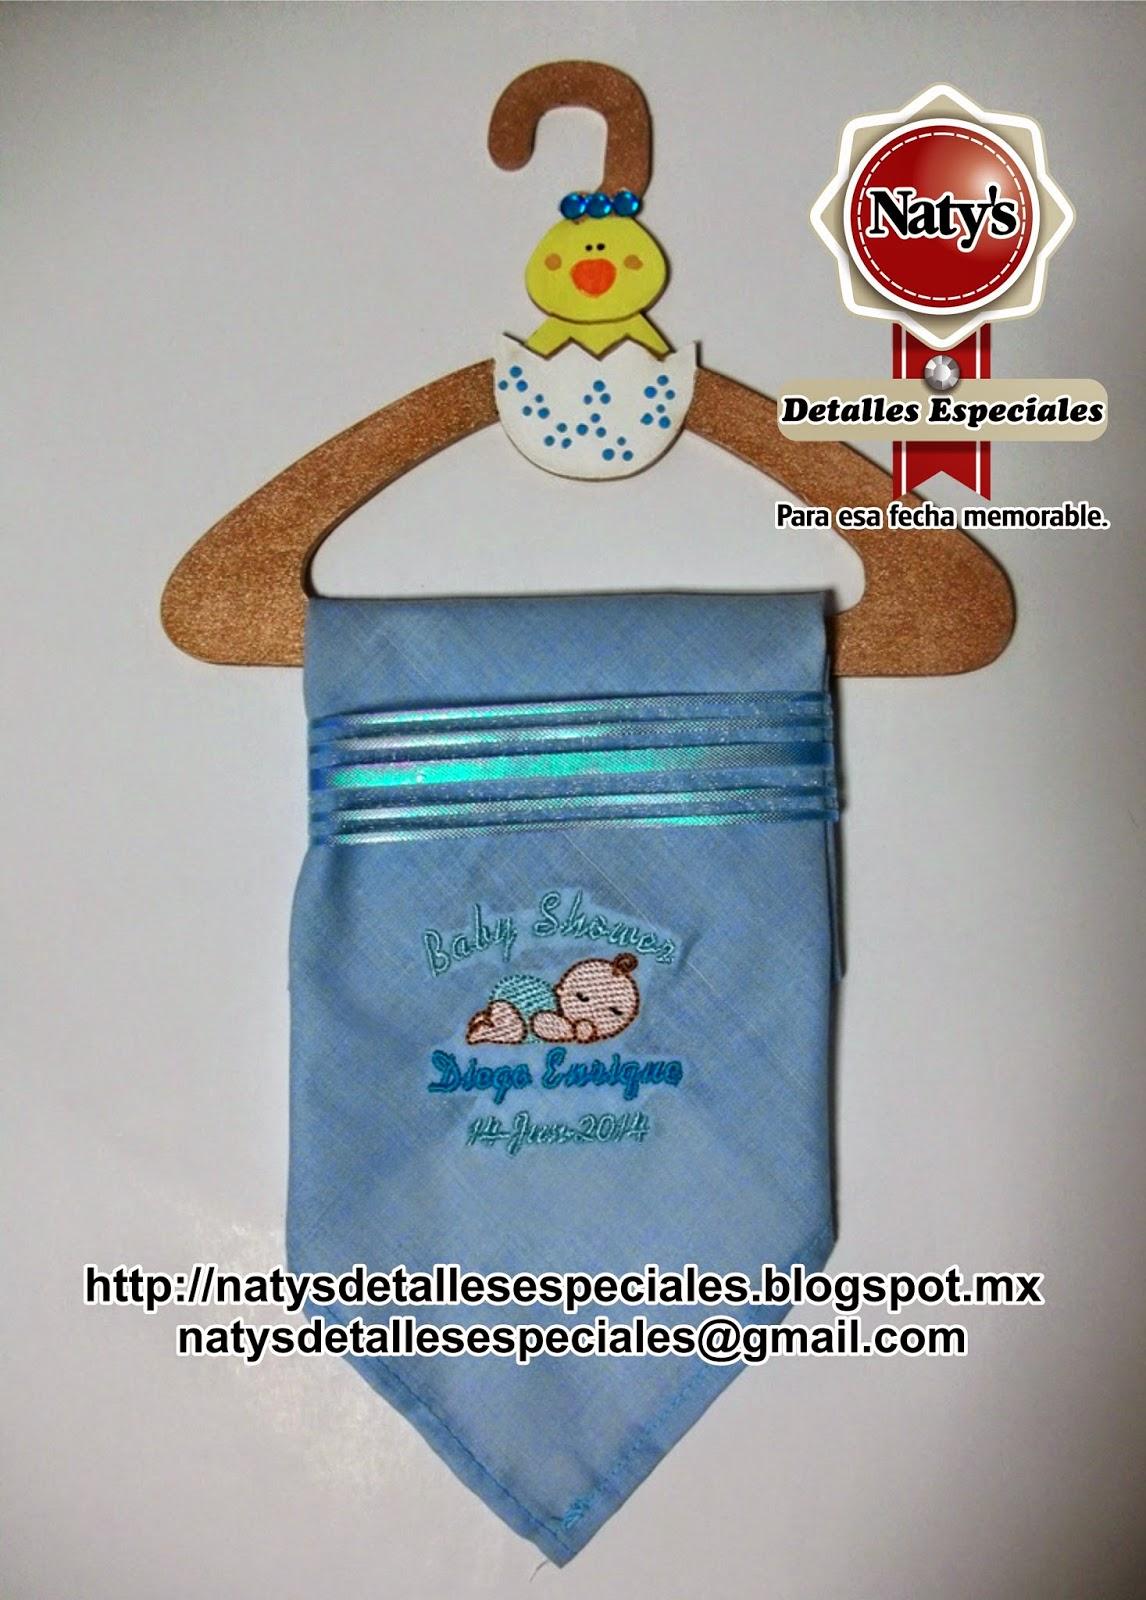 Natys detalles especiales para esa fecha memorable distintivos baby shower pa uelo bordado baby - Detalles para baby shower ...